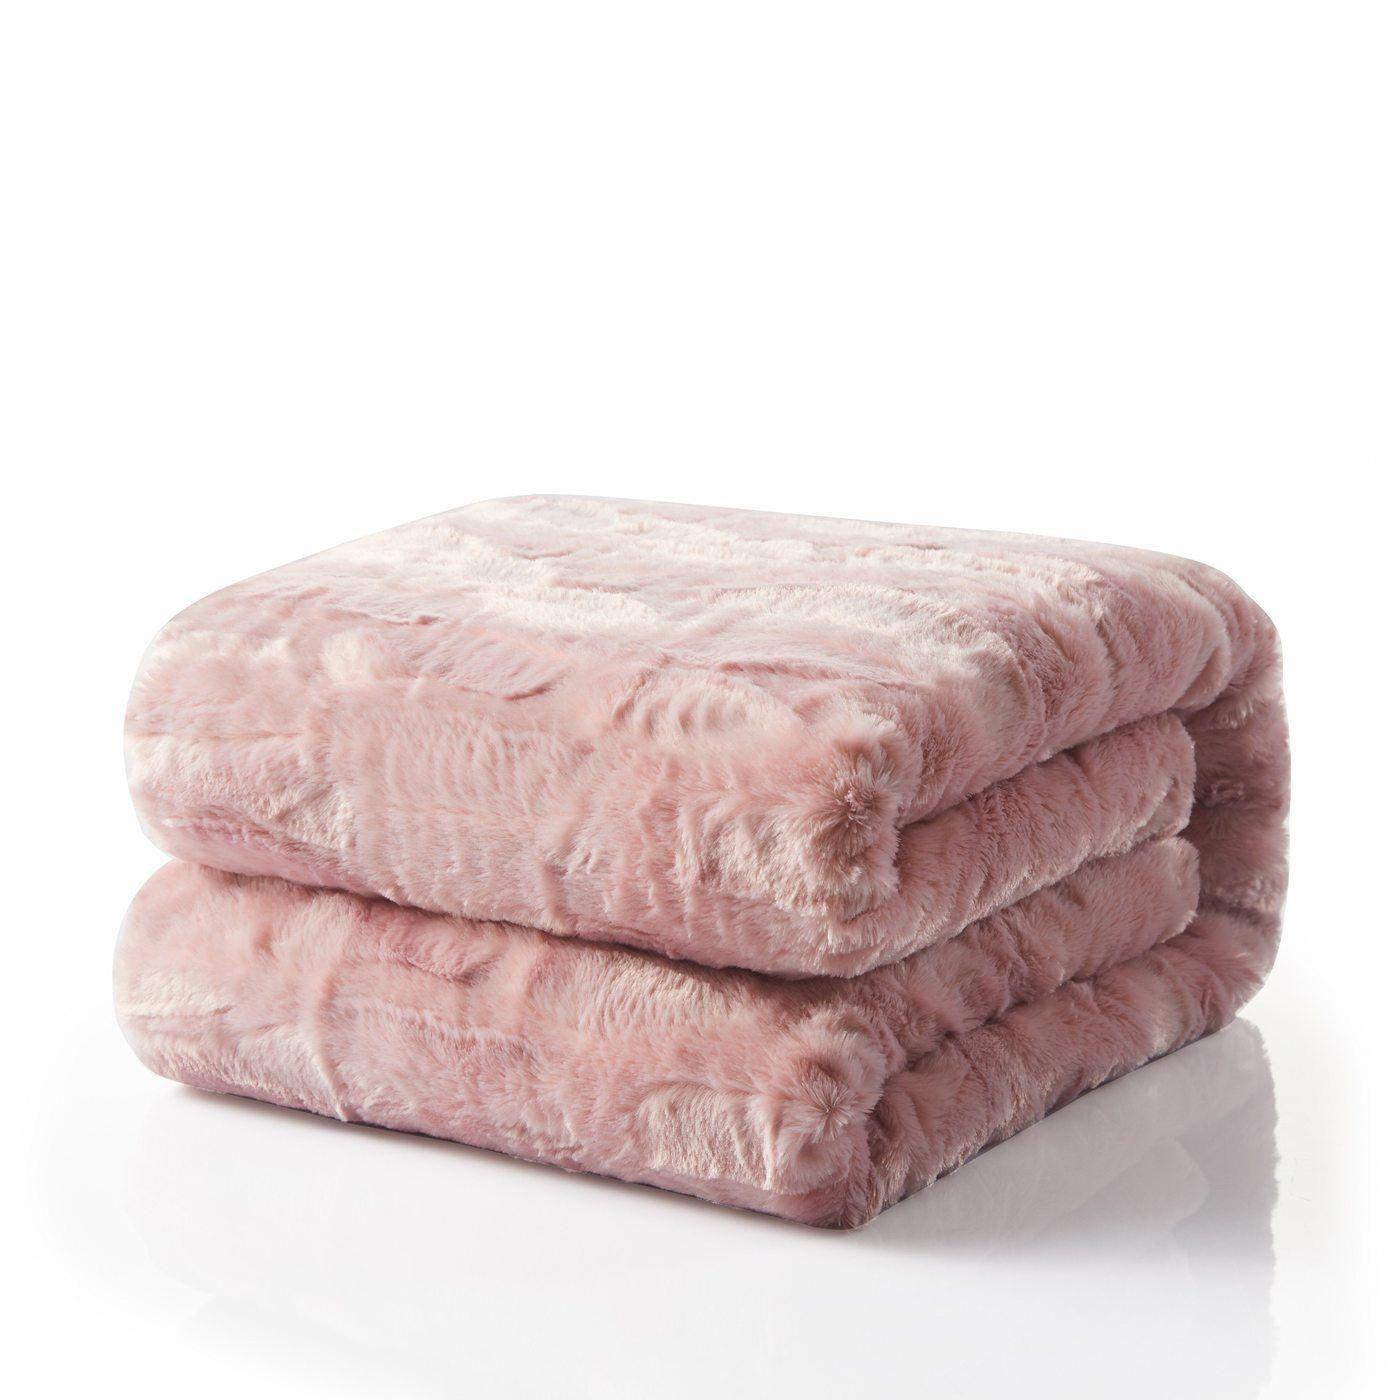 Sweet Teen girl bedrooms make-over, bedroom decor explanation ref 4767884742 #teenwalldecorteenagegirlrooms